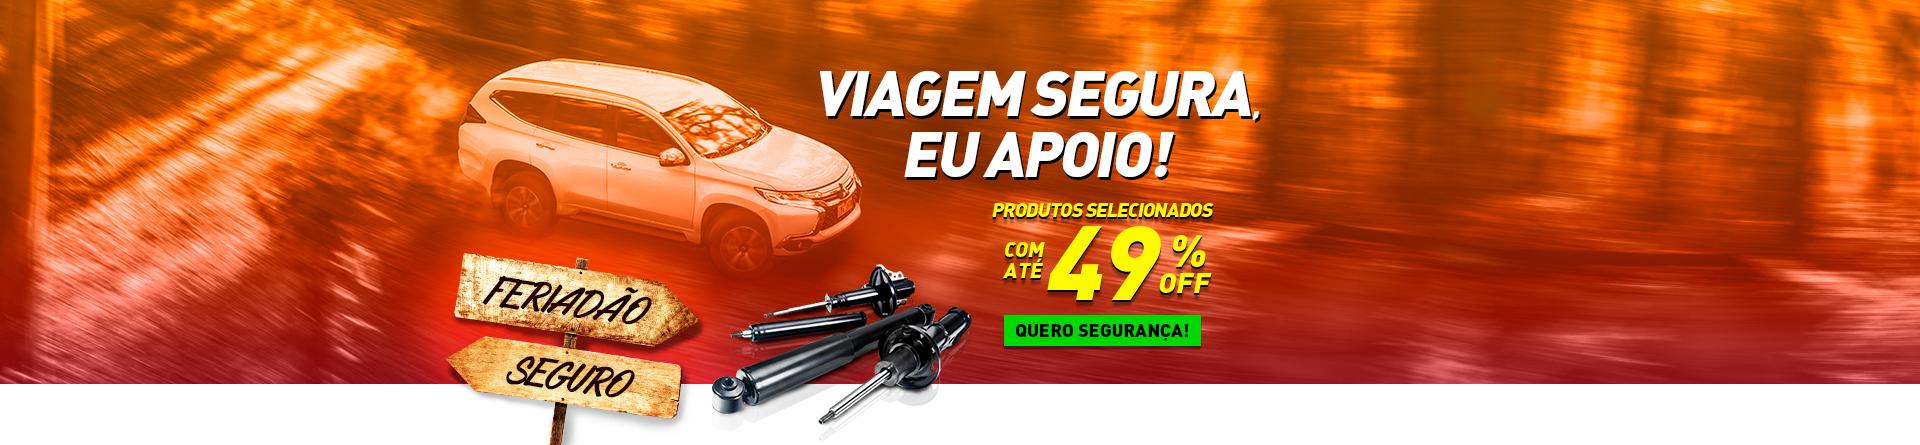 VIAGEM SEGURA - AMORTECEDOR PC